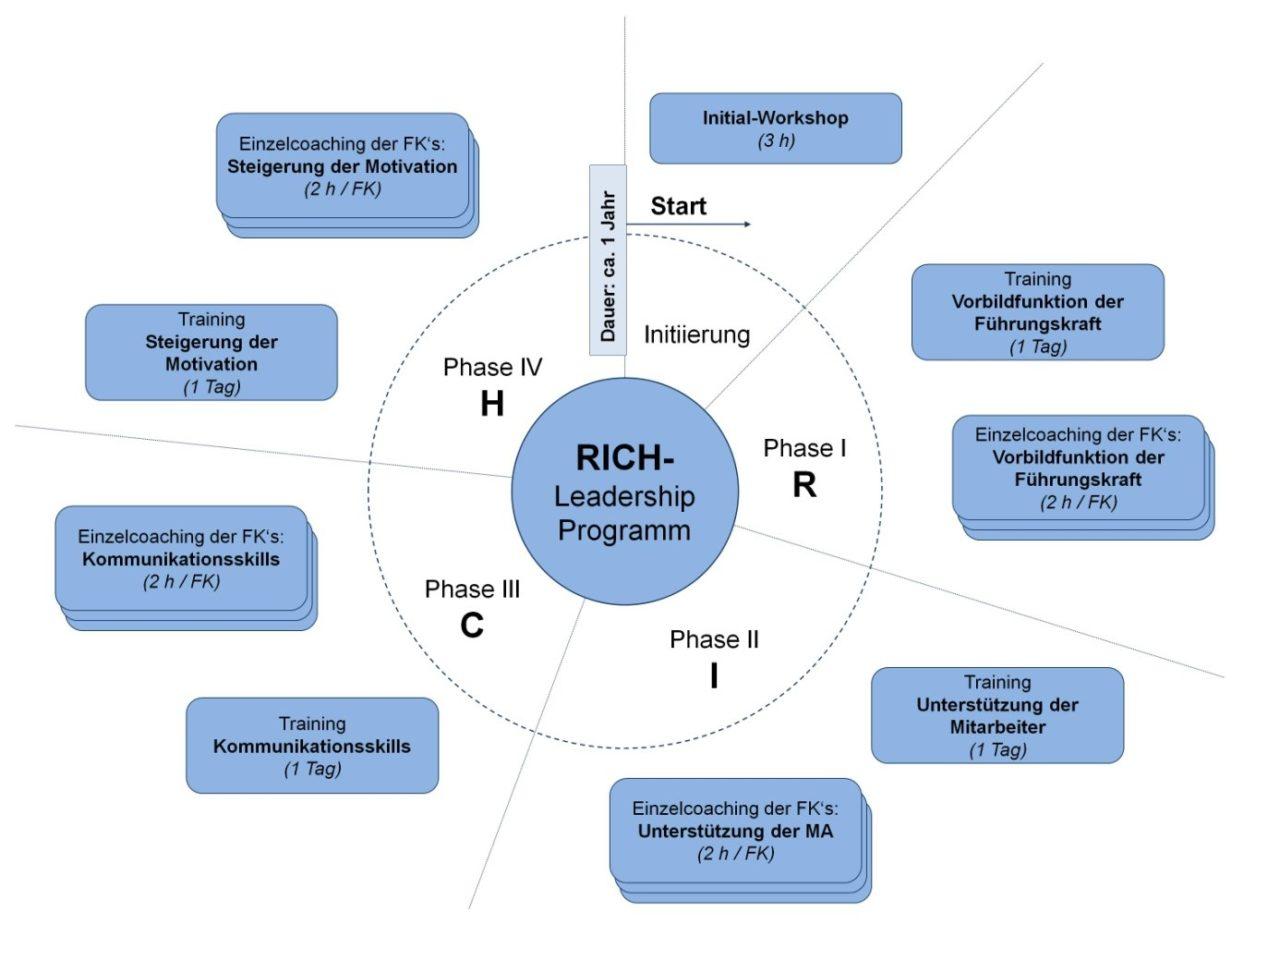 RICH-Leadership-Programm für die Implementierung einer modernen Führungskultur